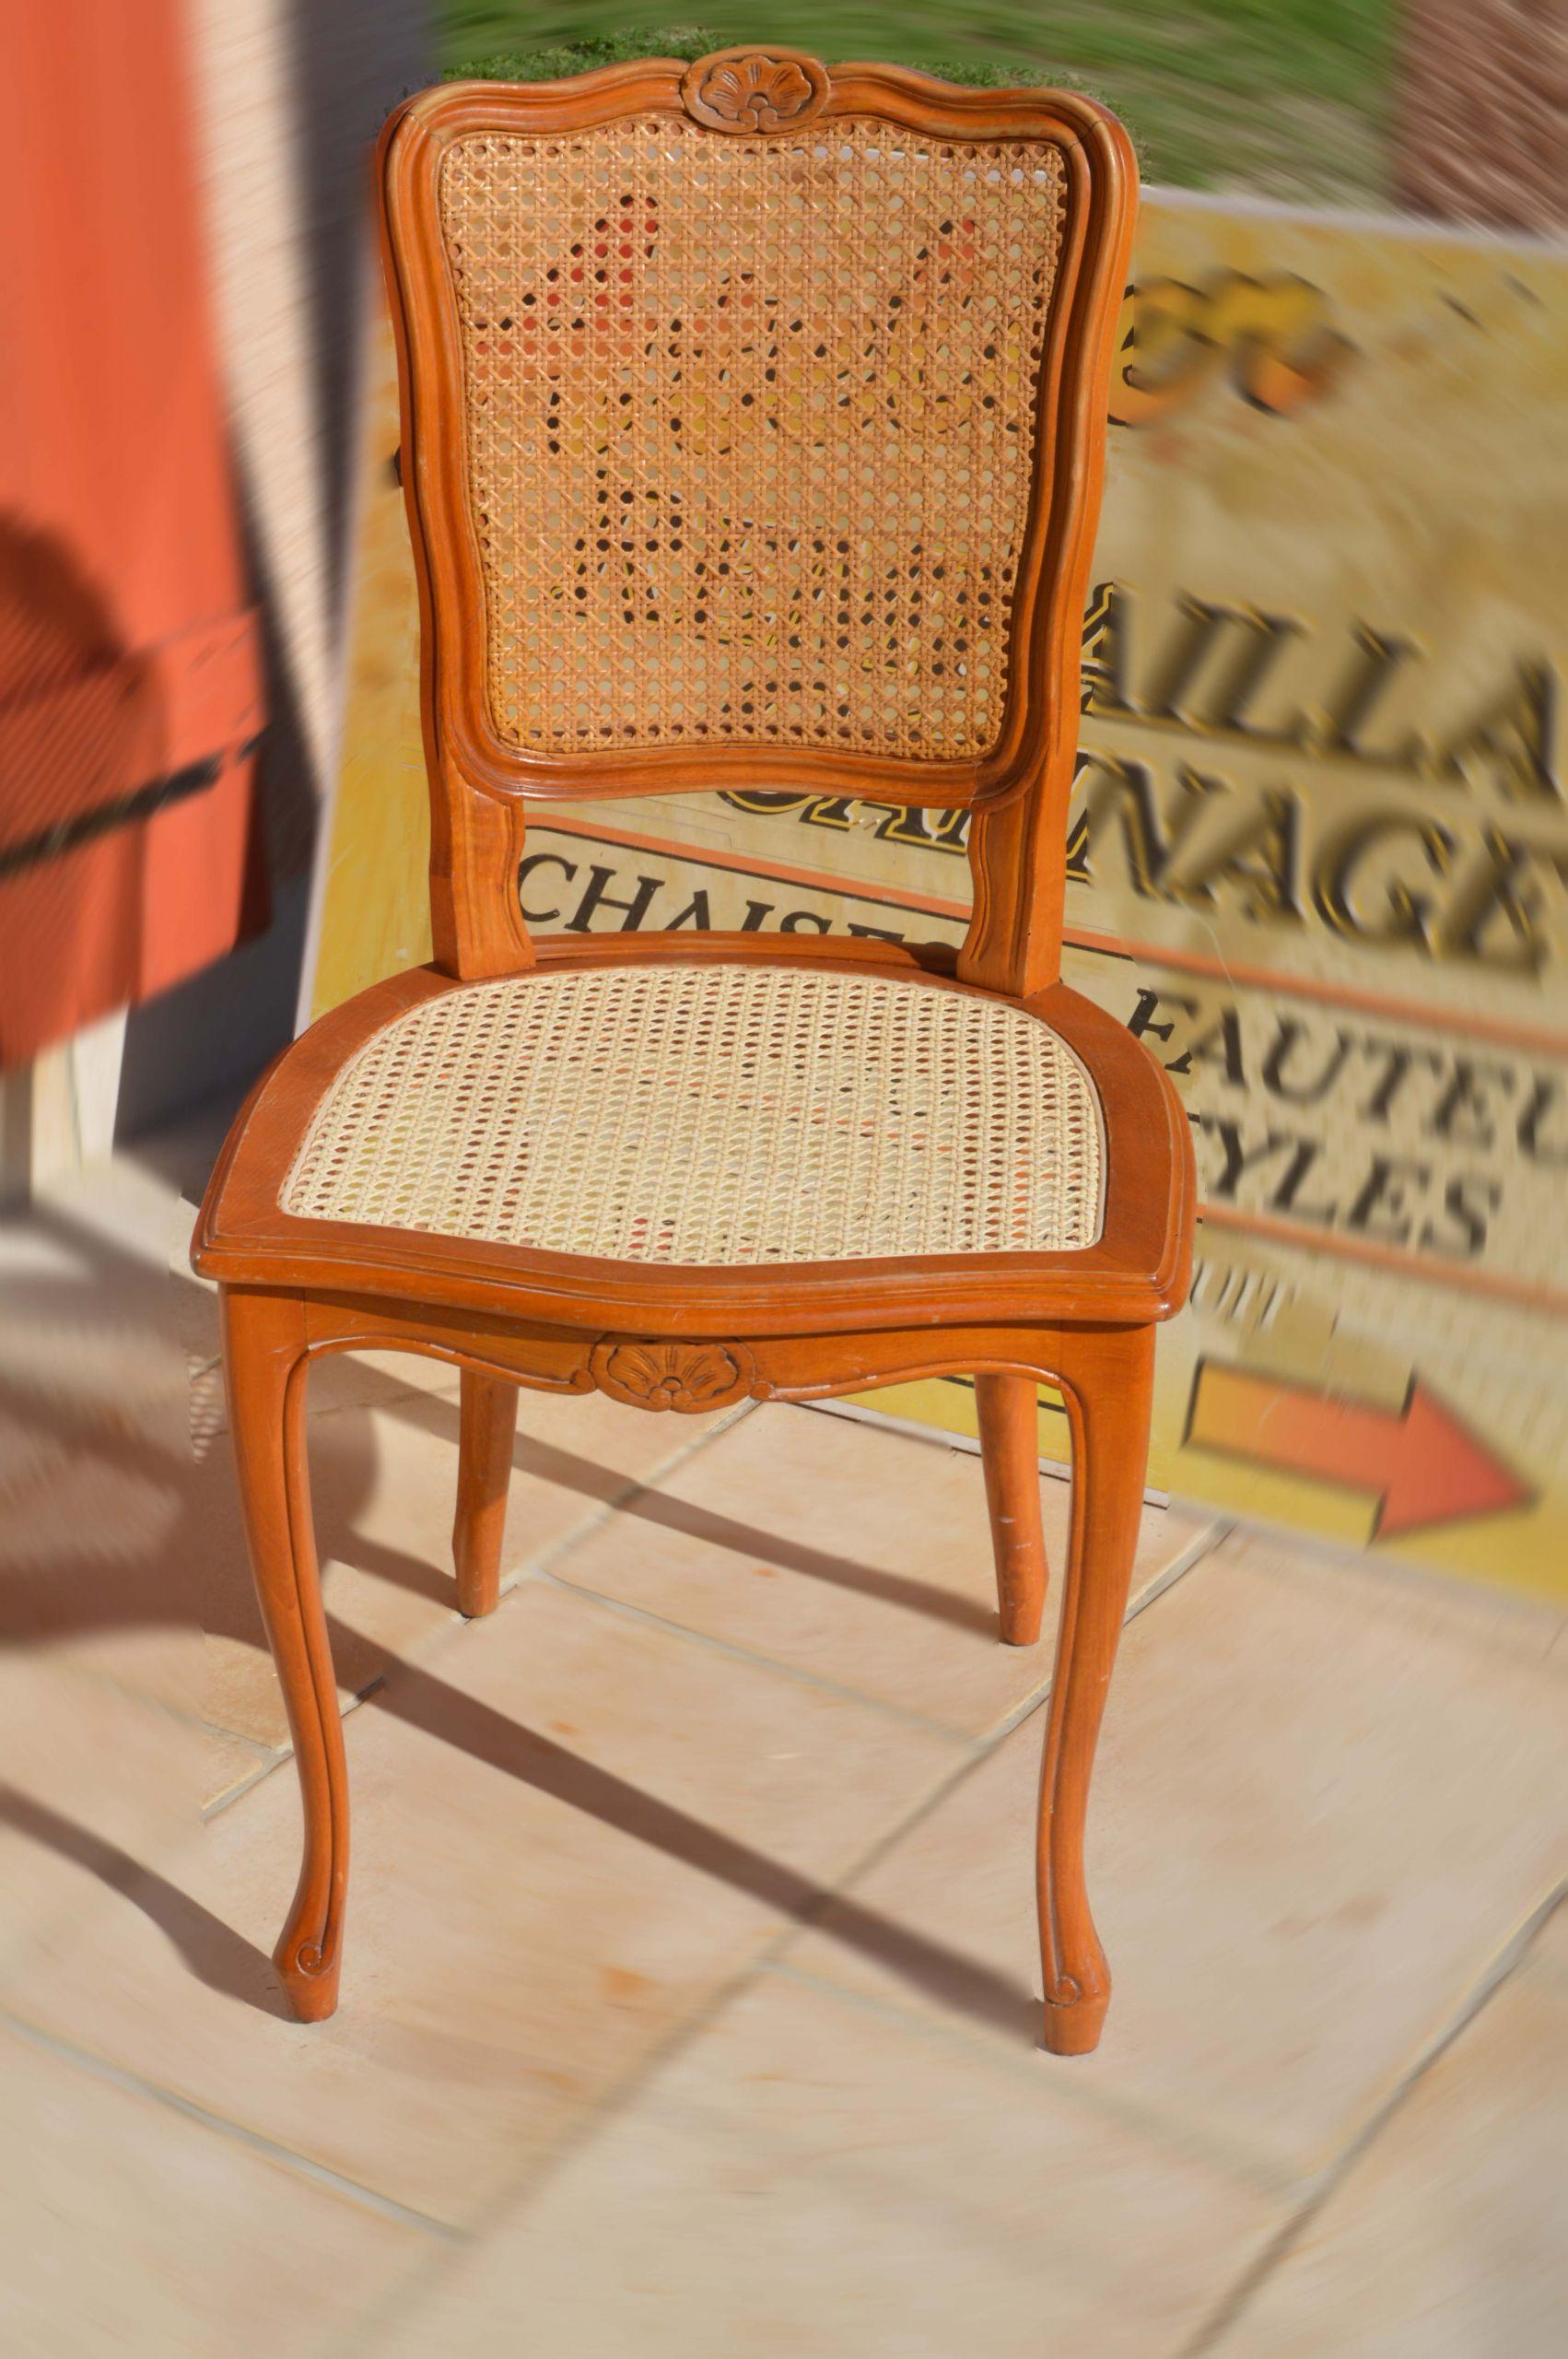 chaise en cannage destock meubles bistrot rotin gris beau refaire prix chaisse cannage 1